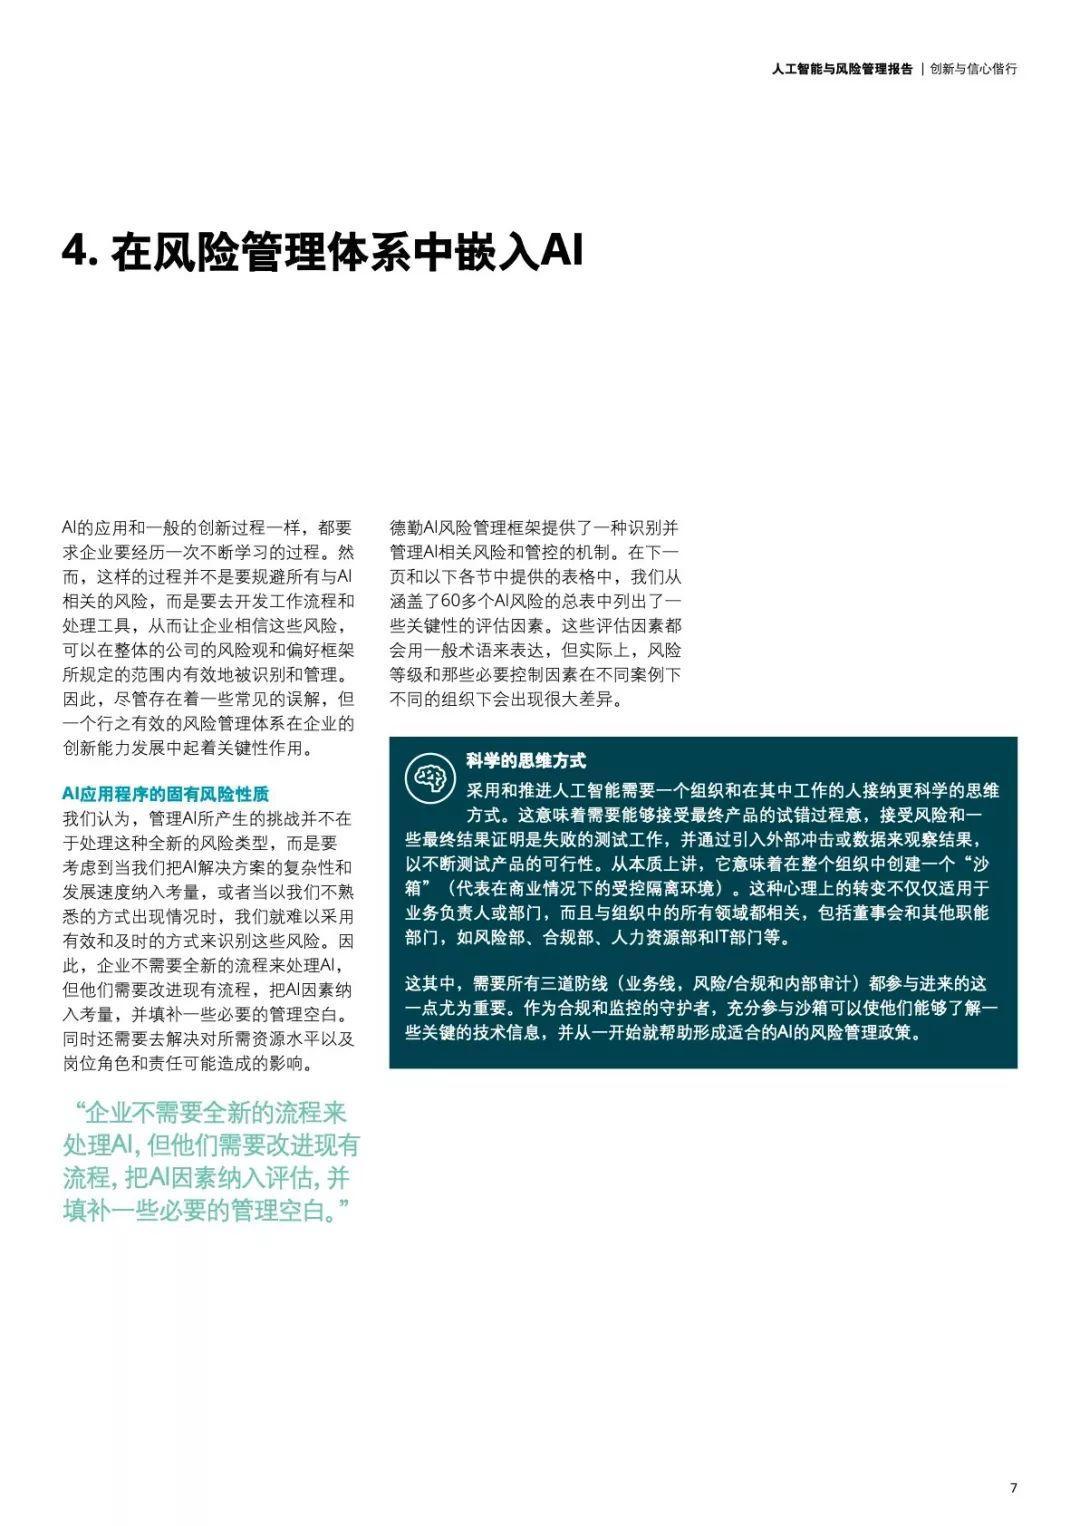 德勤:人工智能与风险管理报告